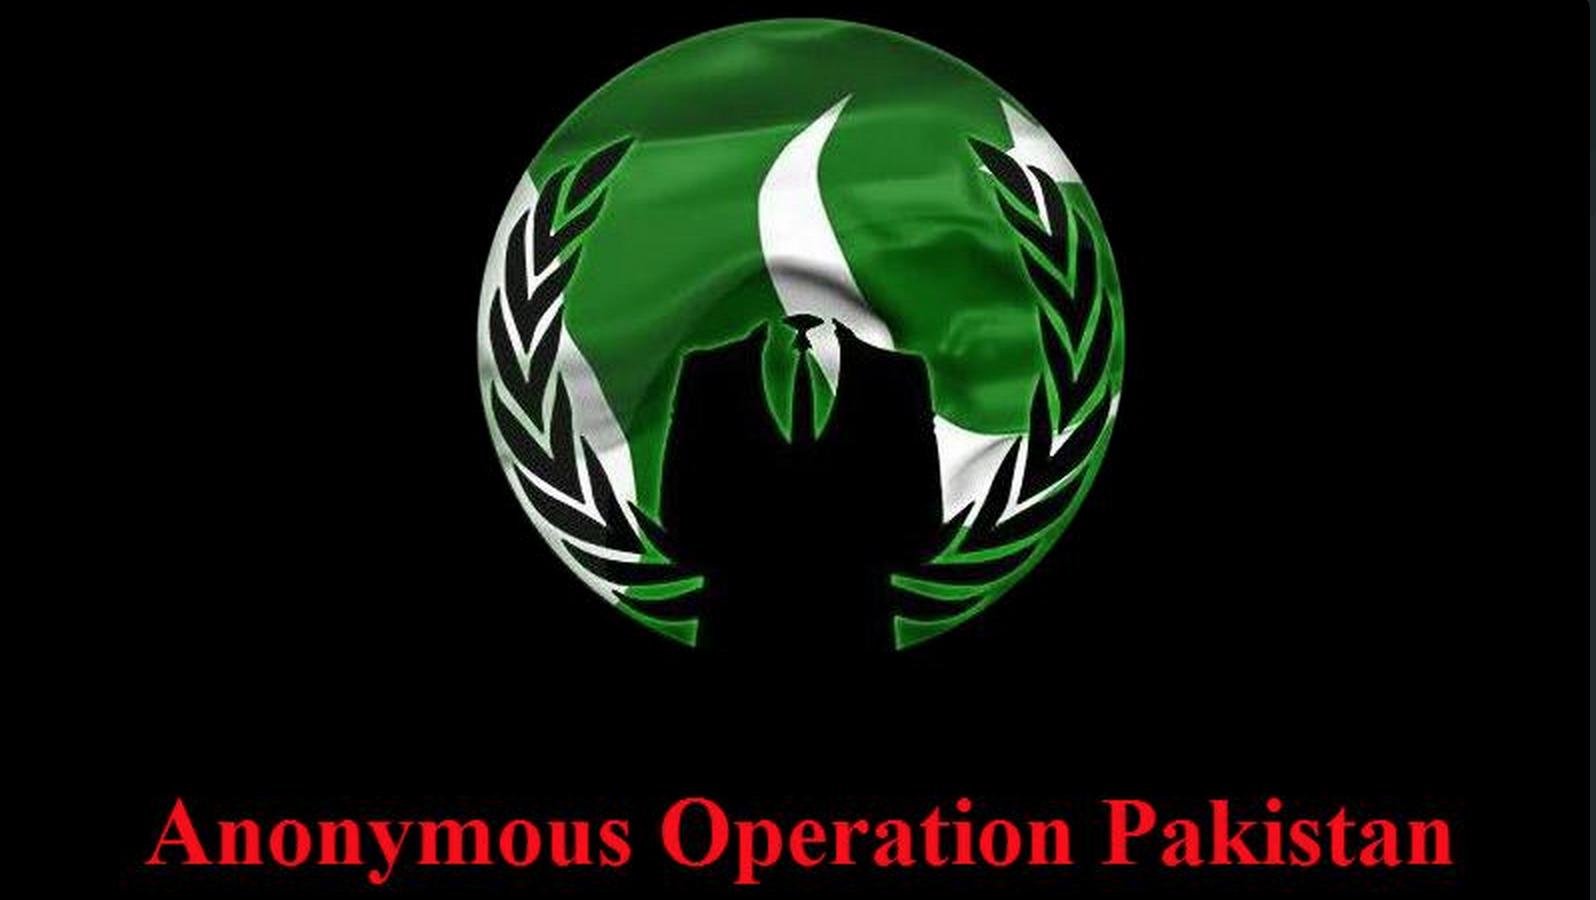 Anonymous OpPakistan Operation Pakistan